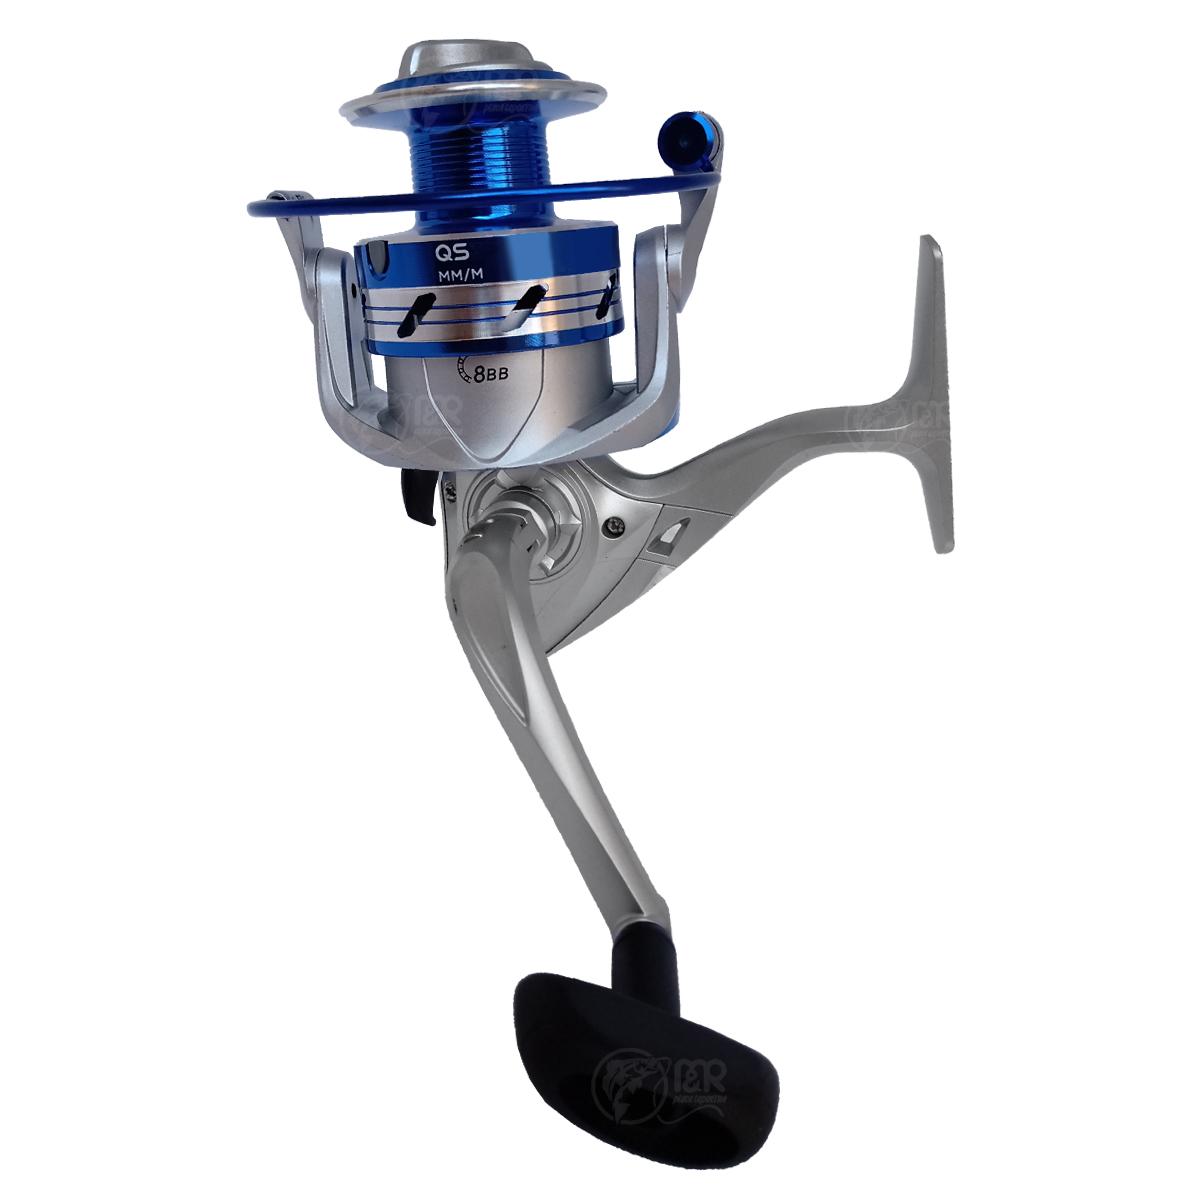 Molinete 5000A QS 8 Rolamentos Carretel Alumínio Drag 5,5kg